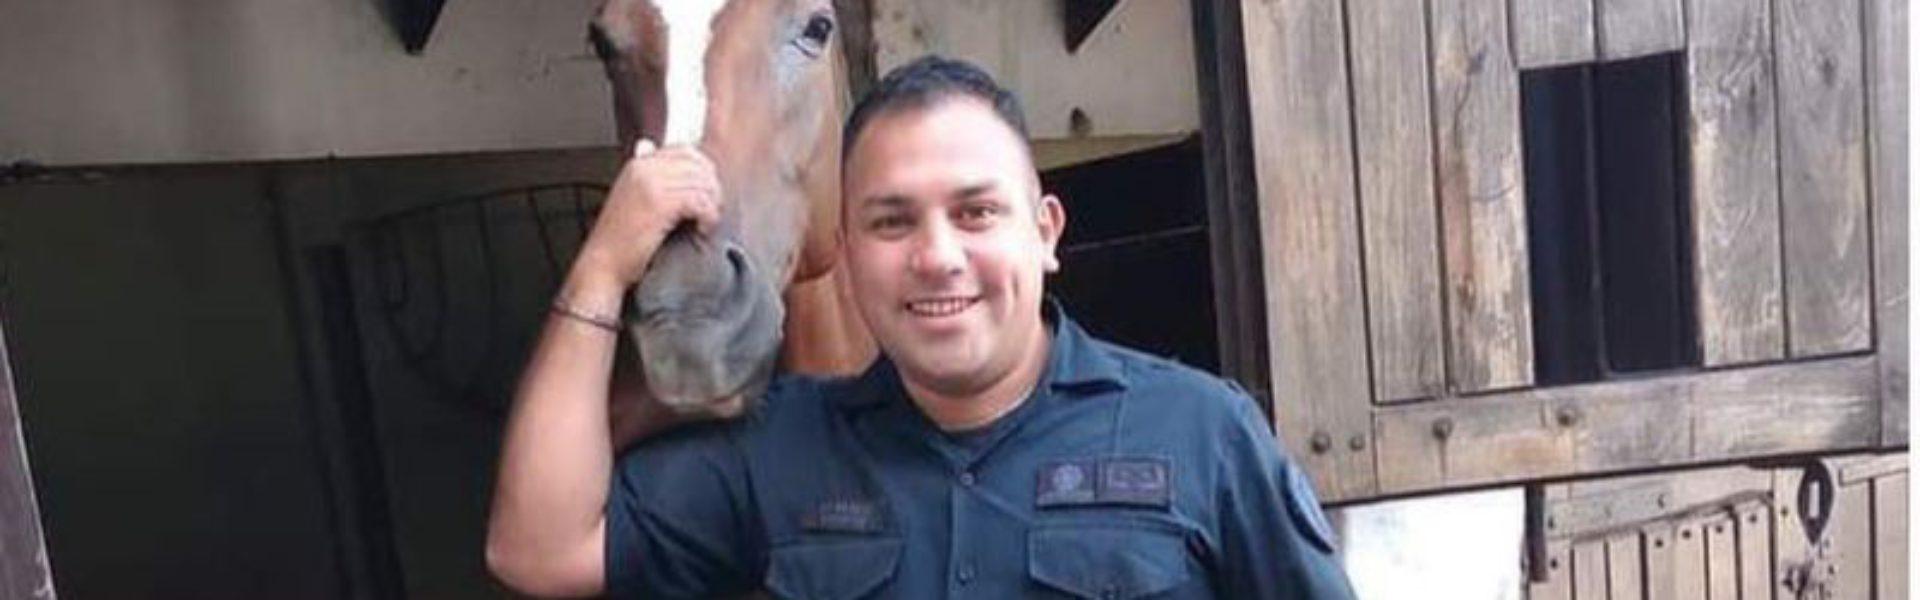 Nos solidarizamos con la Familia y Amigos de Juan Pablo Roldán thumbnail